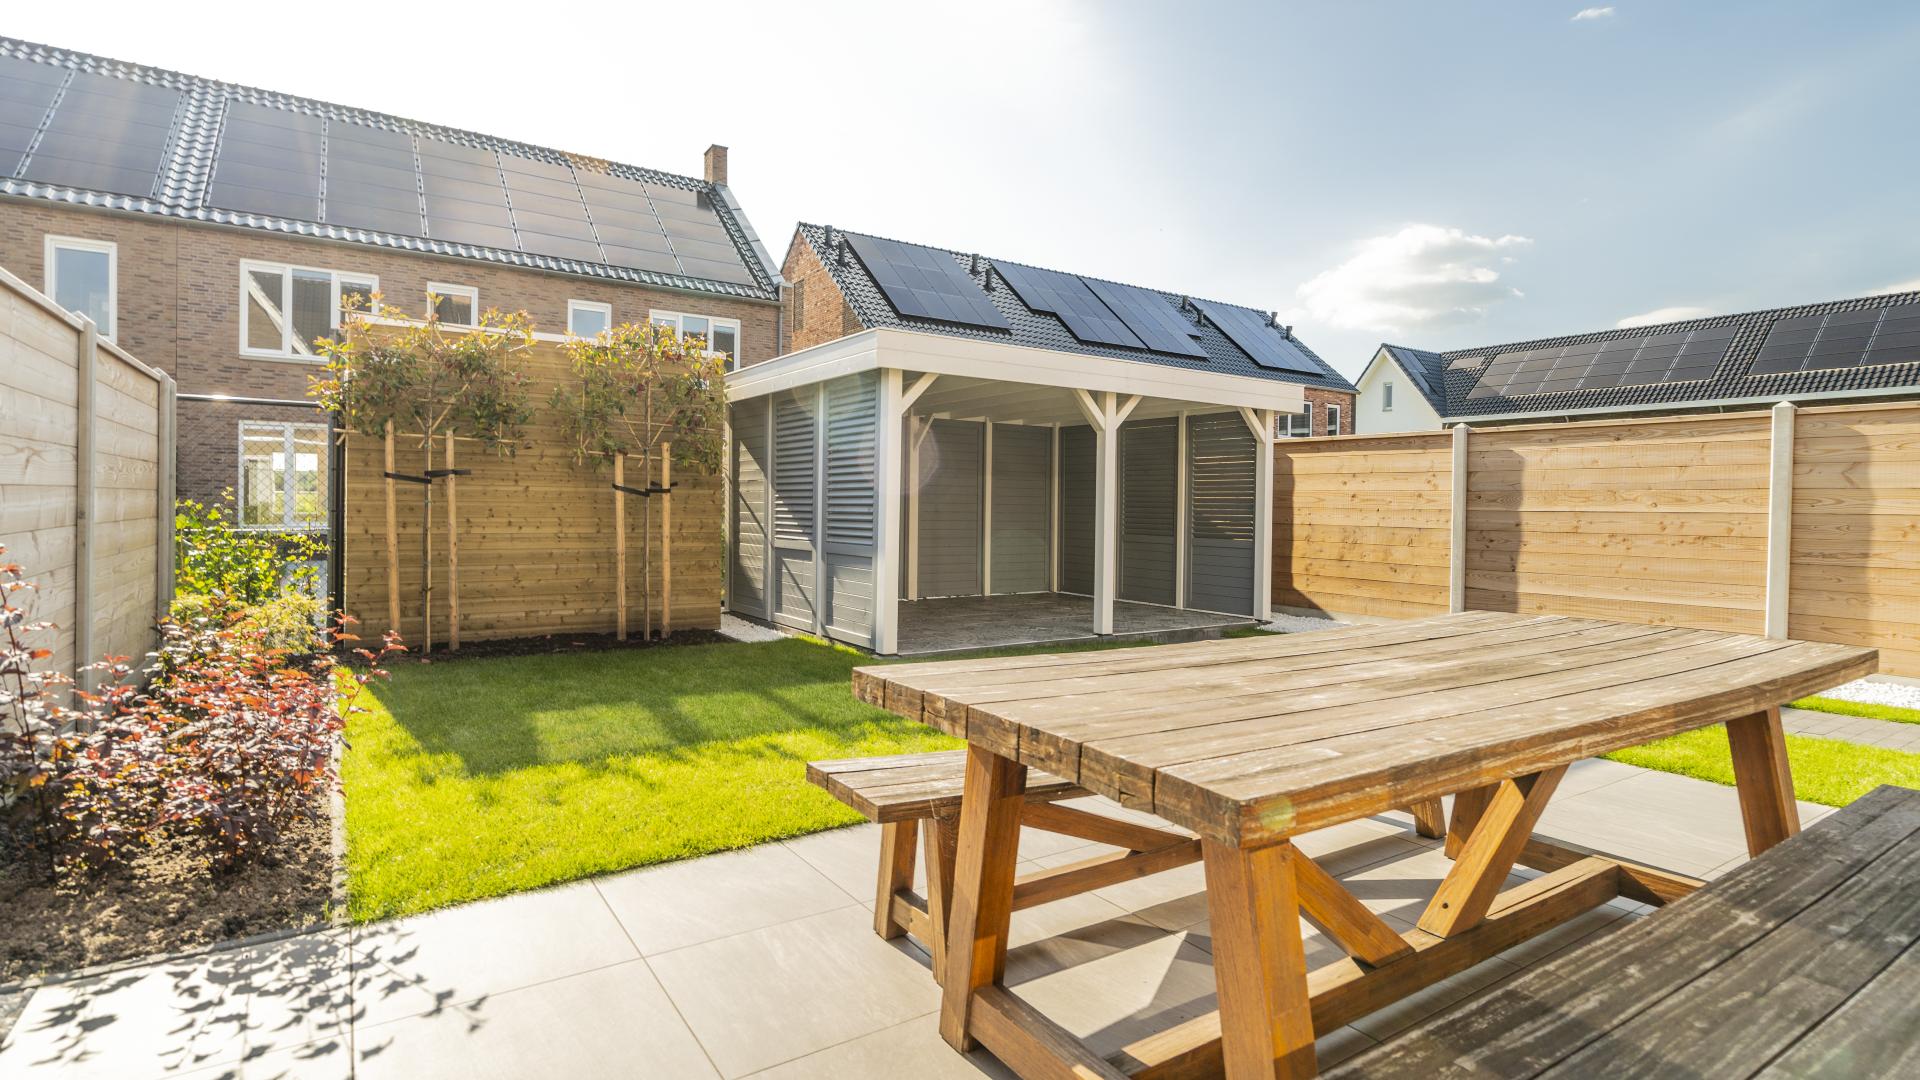 14 Spaansen Tuinklaar - Project Eiland F Veenendaal - Verhuizen zonder tuinstress